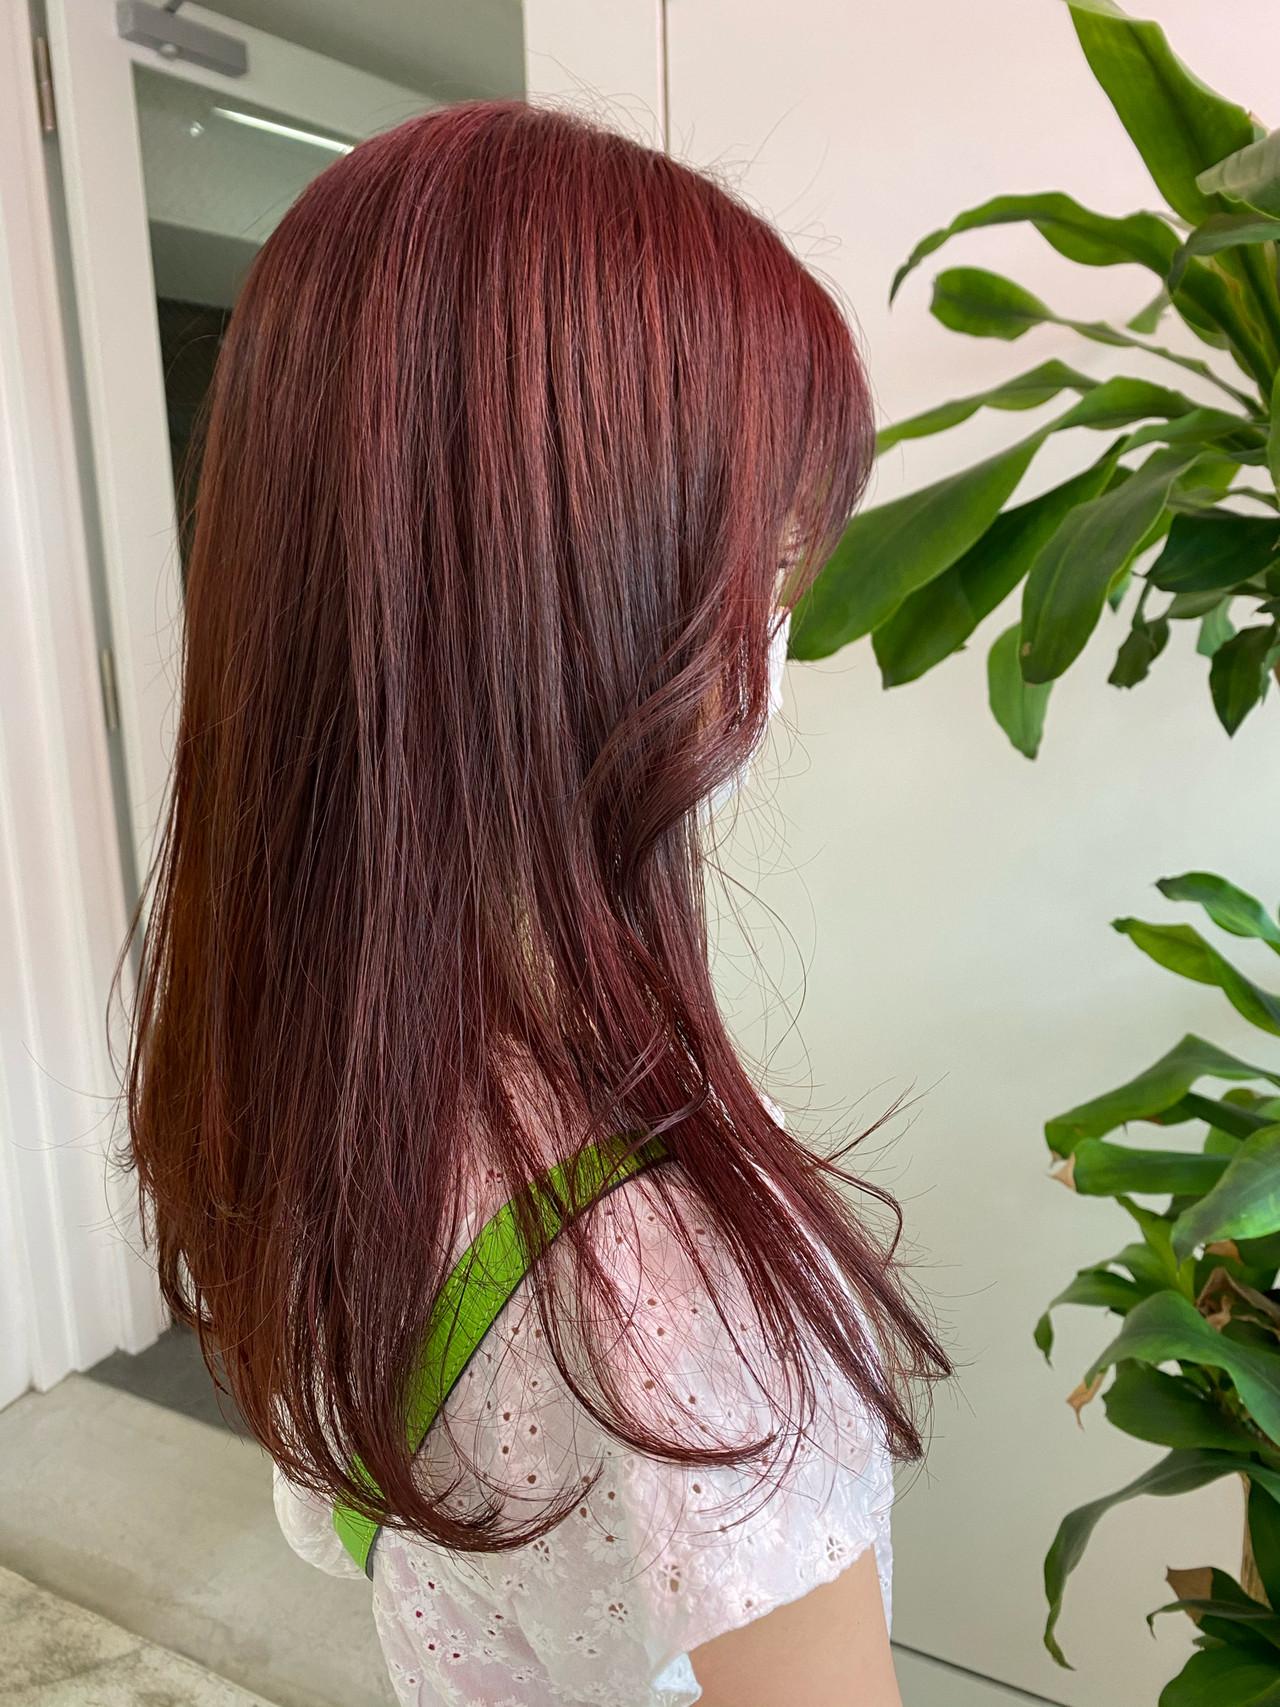 ピンクベージュ ラベンダーピンク ロング ベリーピンクヘアスタイルや髪型の写真・画像